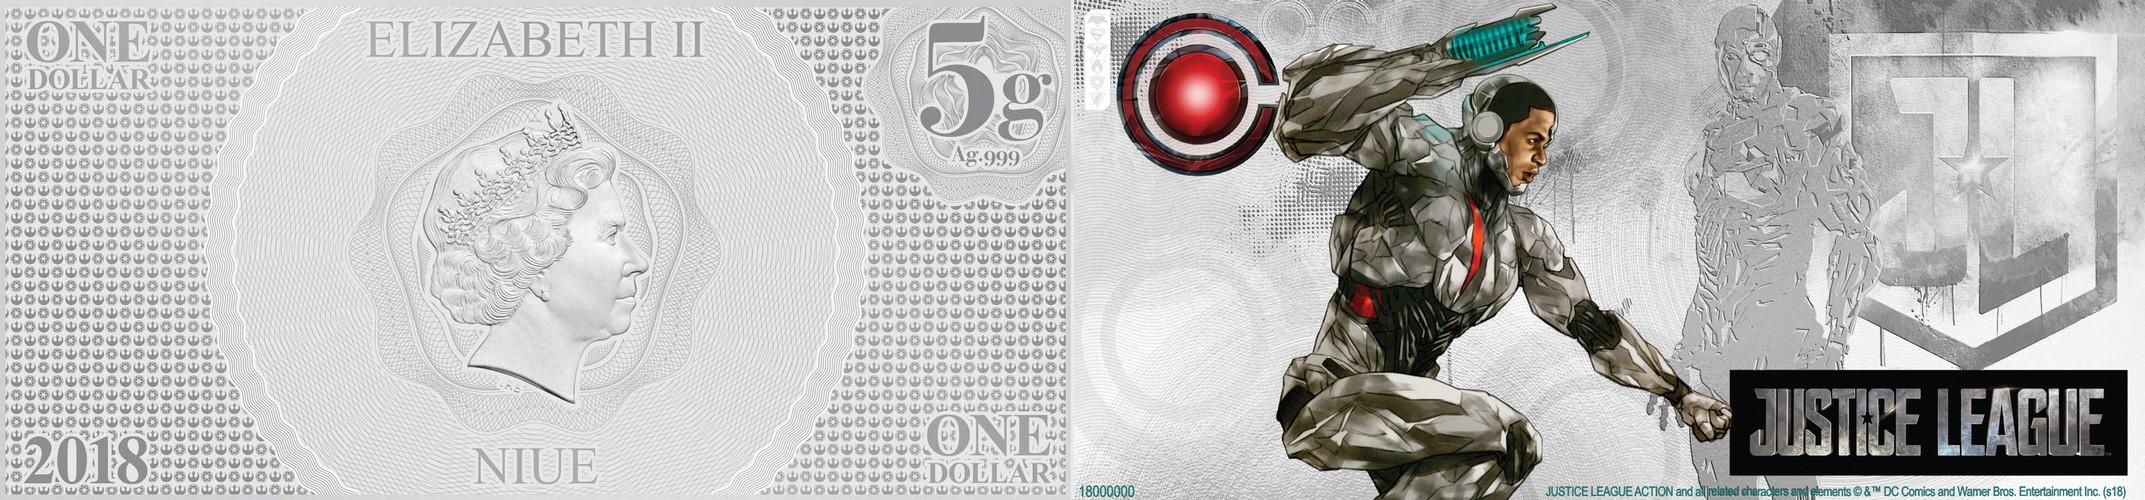 niue 2018 billet ligue de justice cyborg